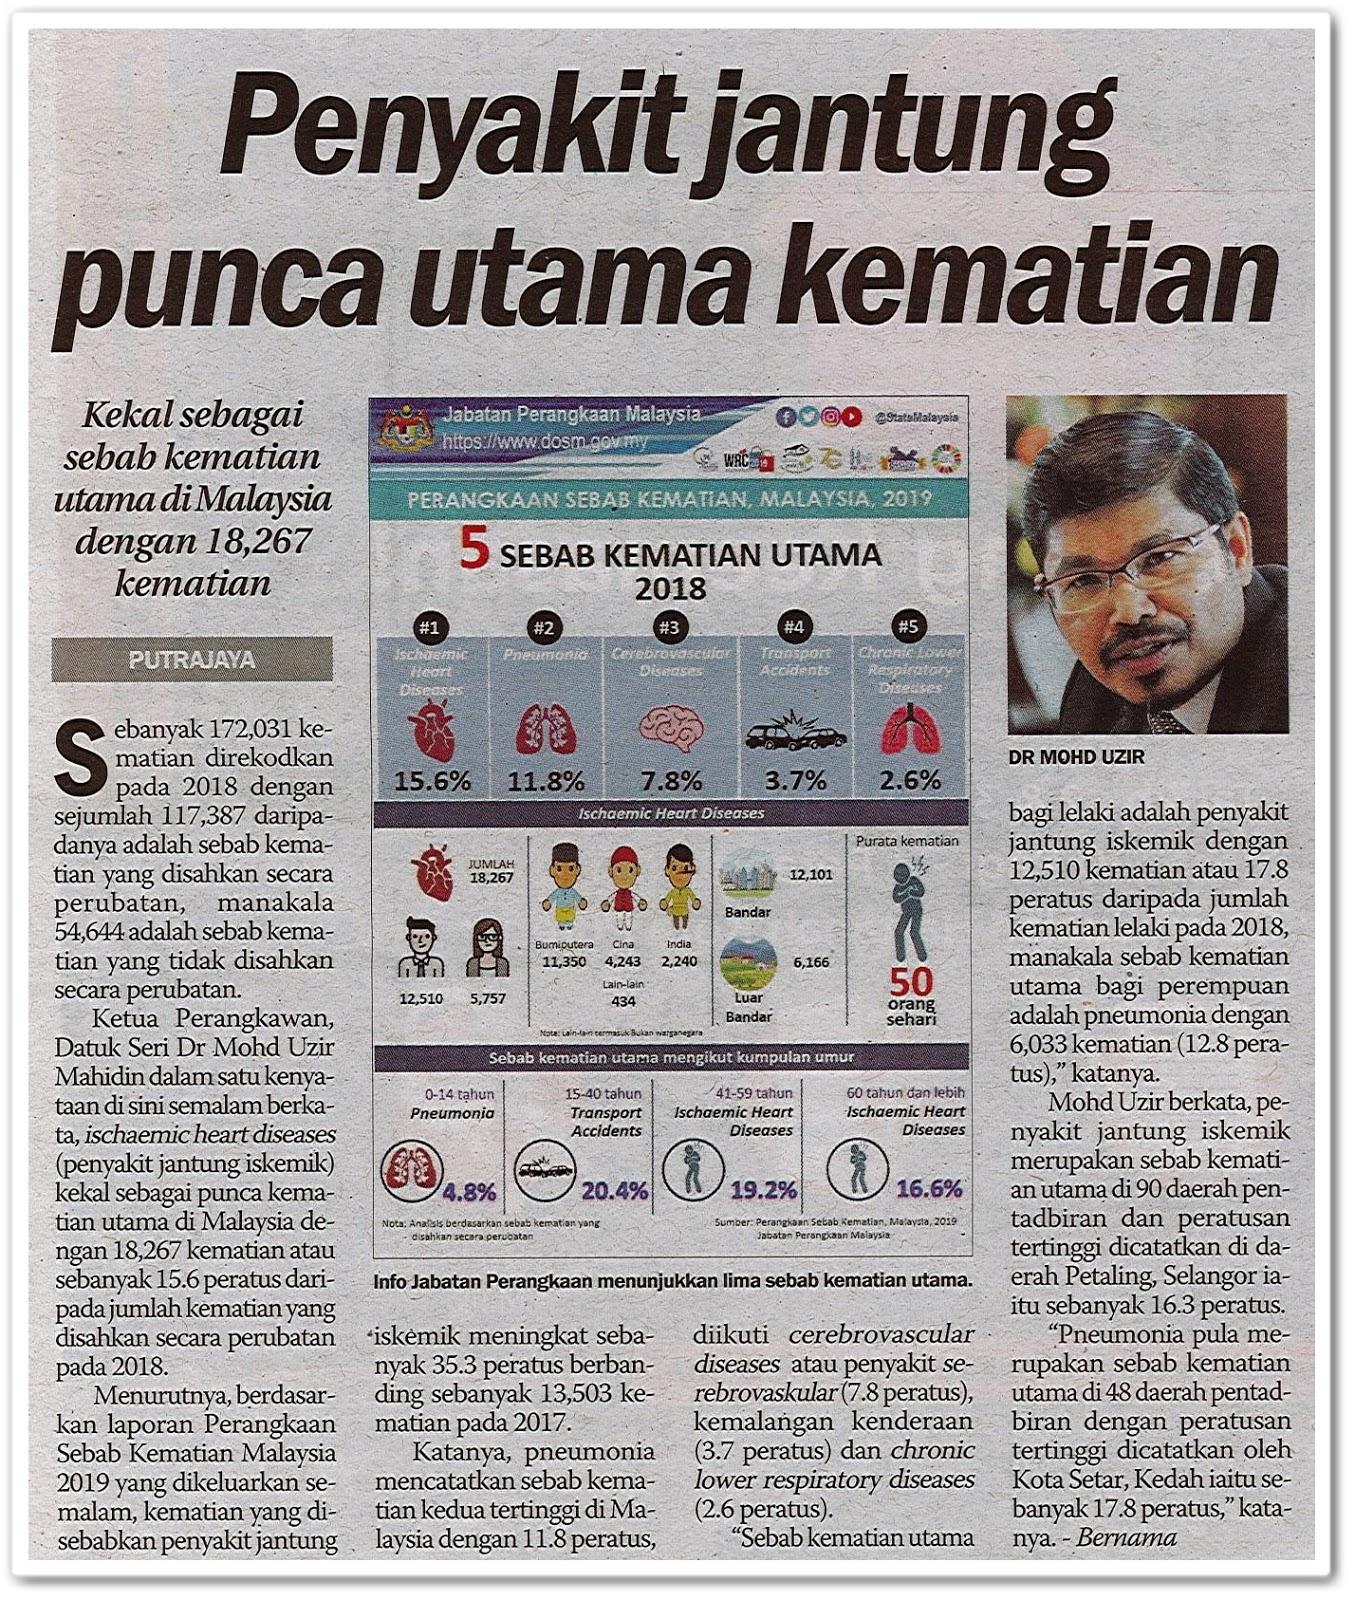 Penyakit jantung punca utama kematian - Keratan akhbar Sinar Harian 31 Oktober 2019